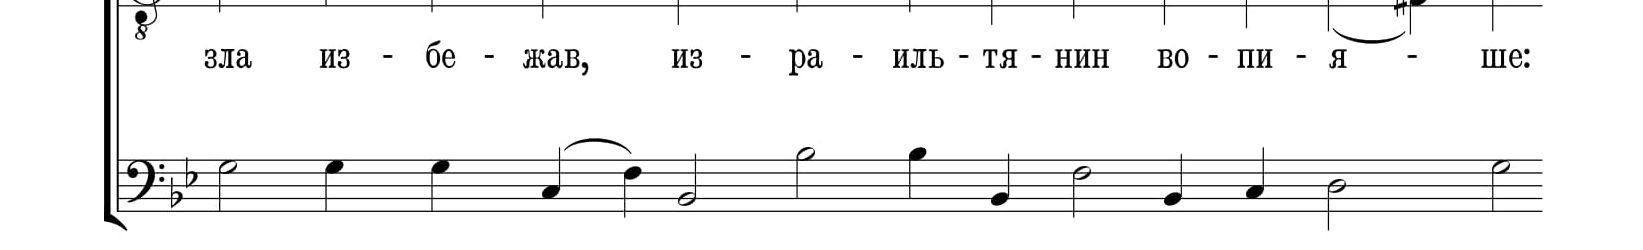 Воду прошед (музыка архимандрита Феофана и.А.)